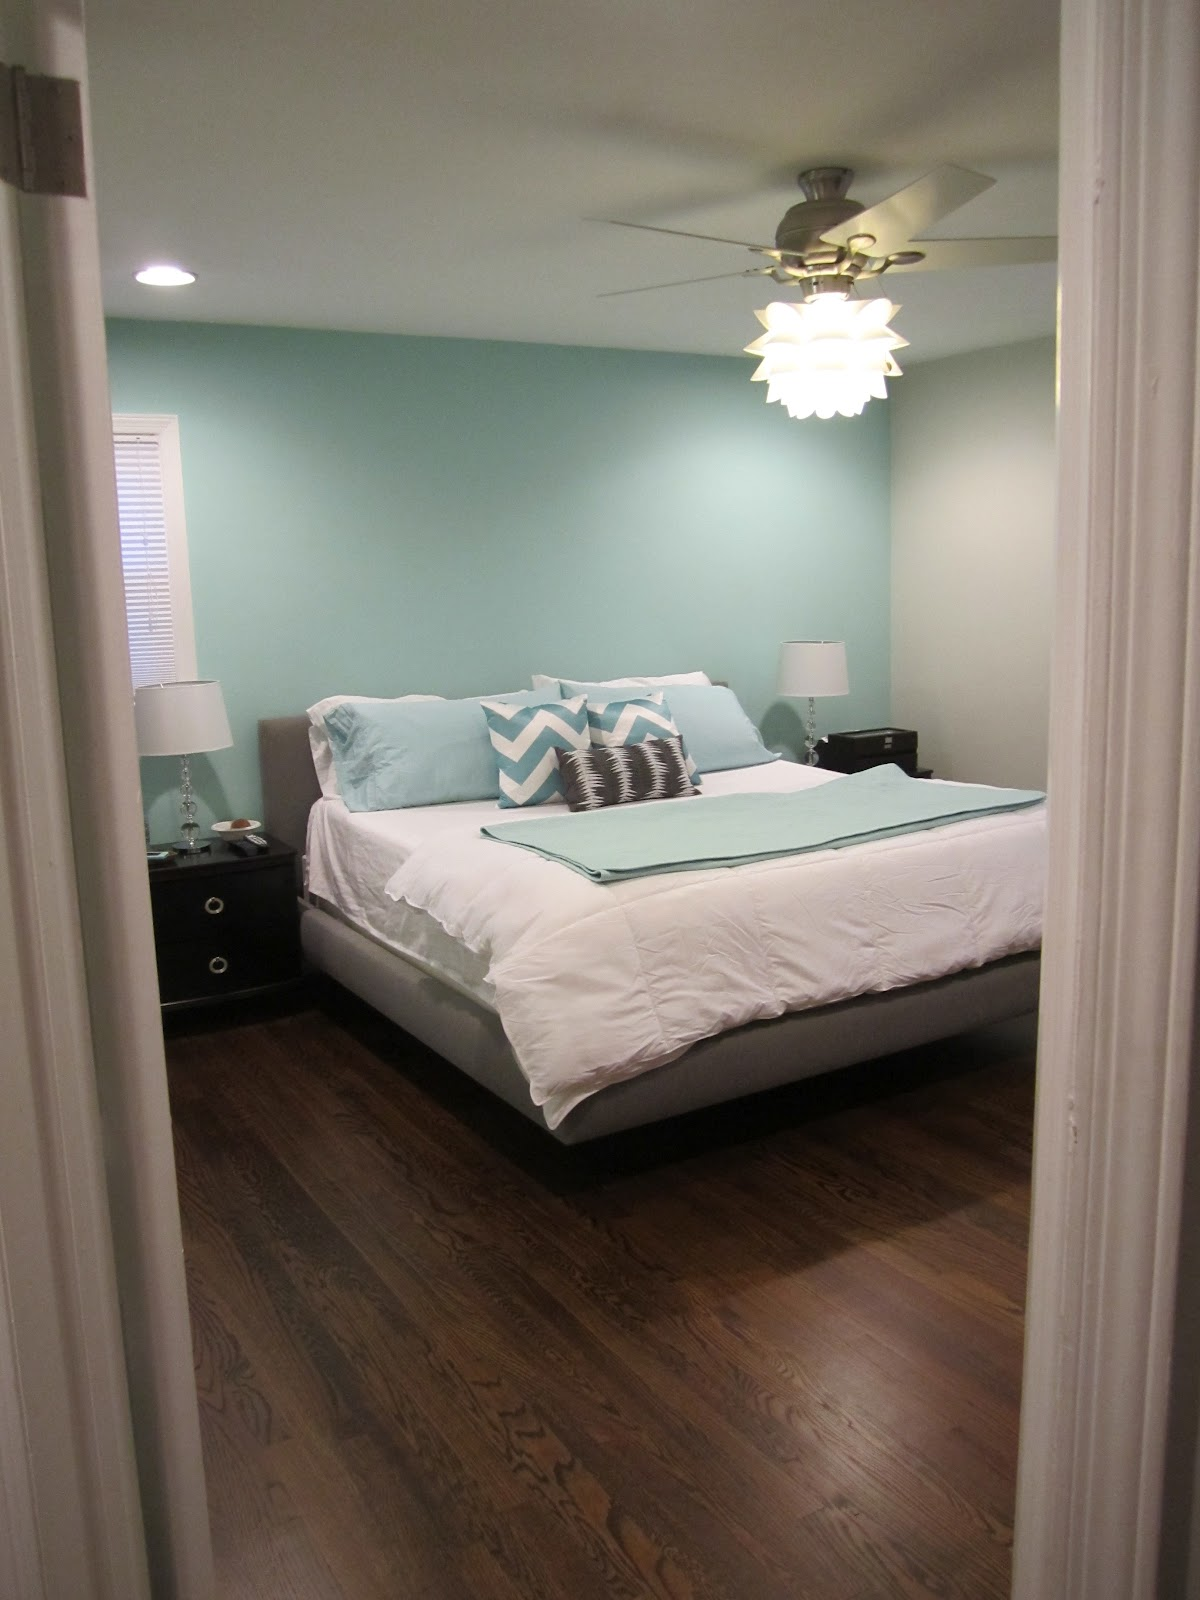 Aqua accent wall bedroom - Monday March 26 2012